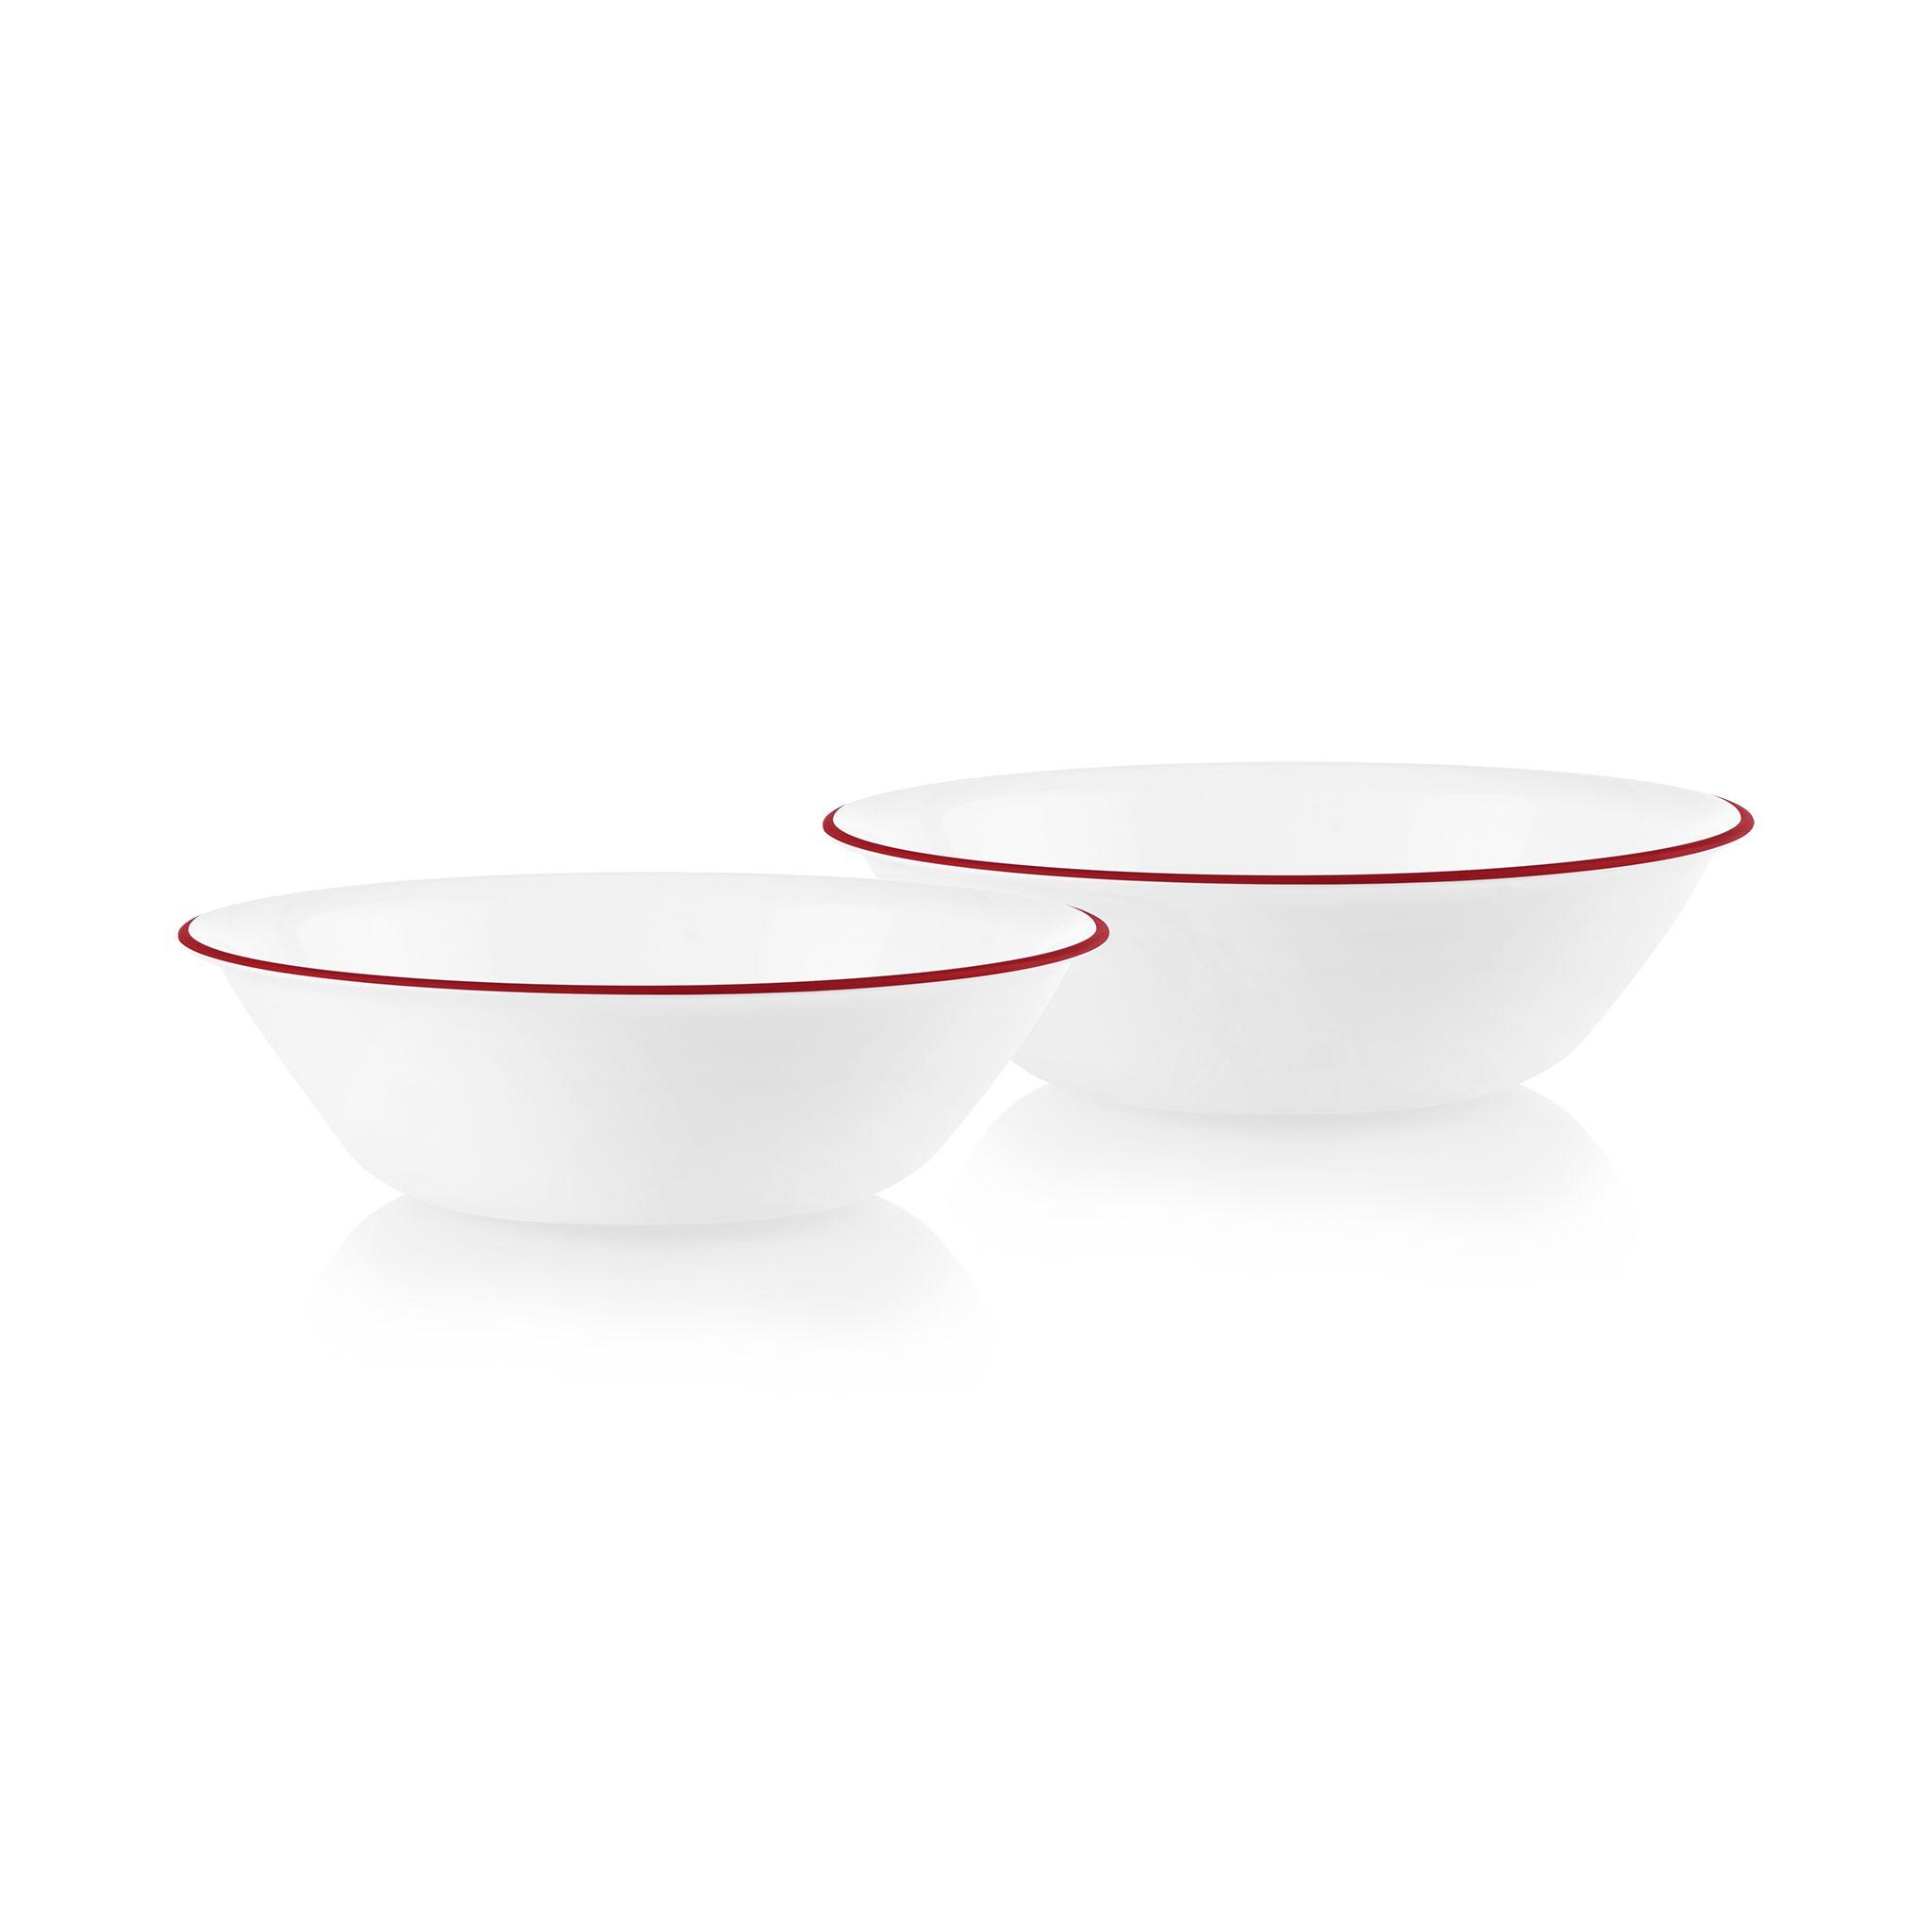 Radiant Red Banded 1-quart Serving Bowls, 2-pack